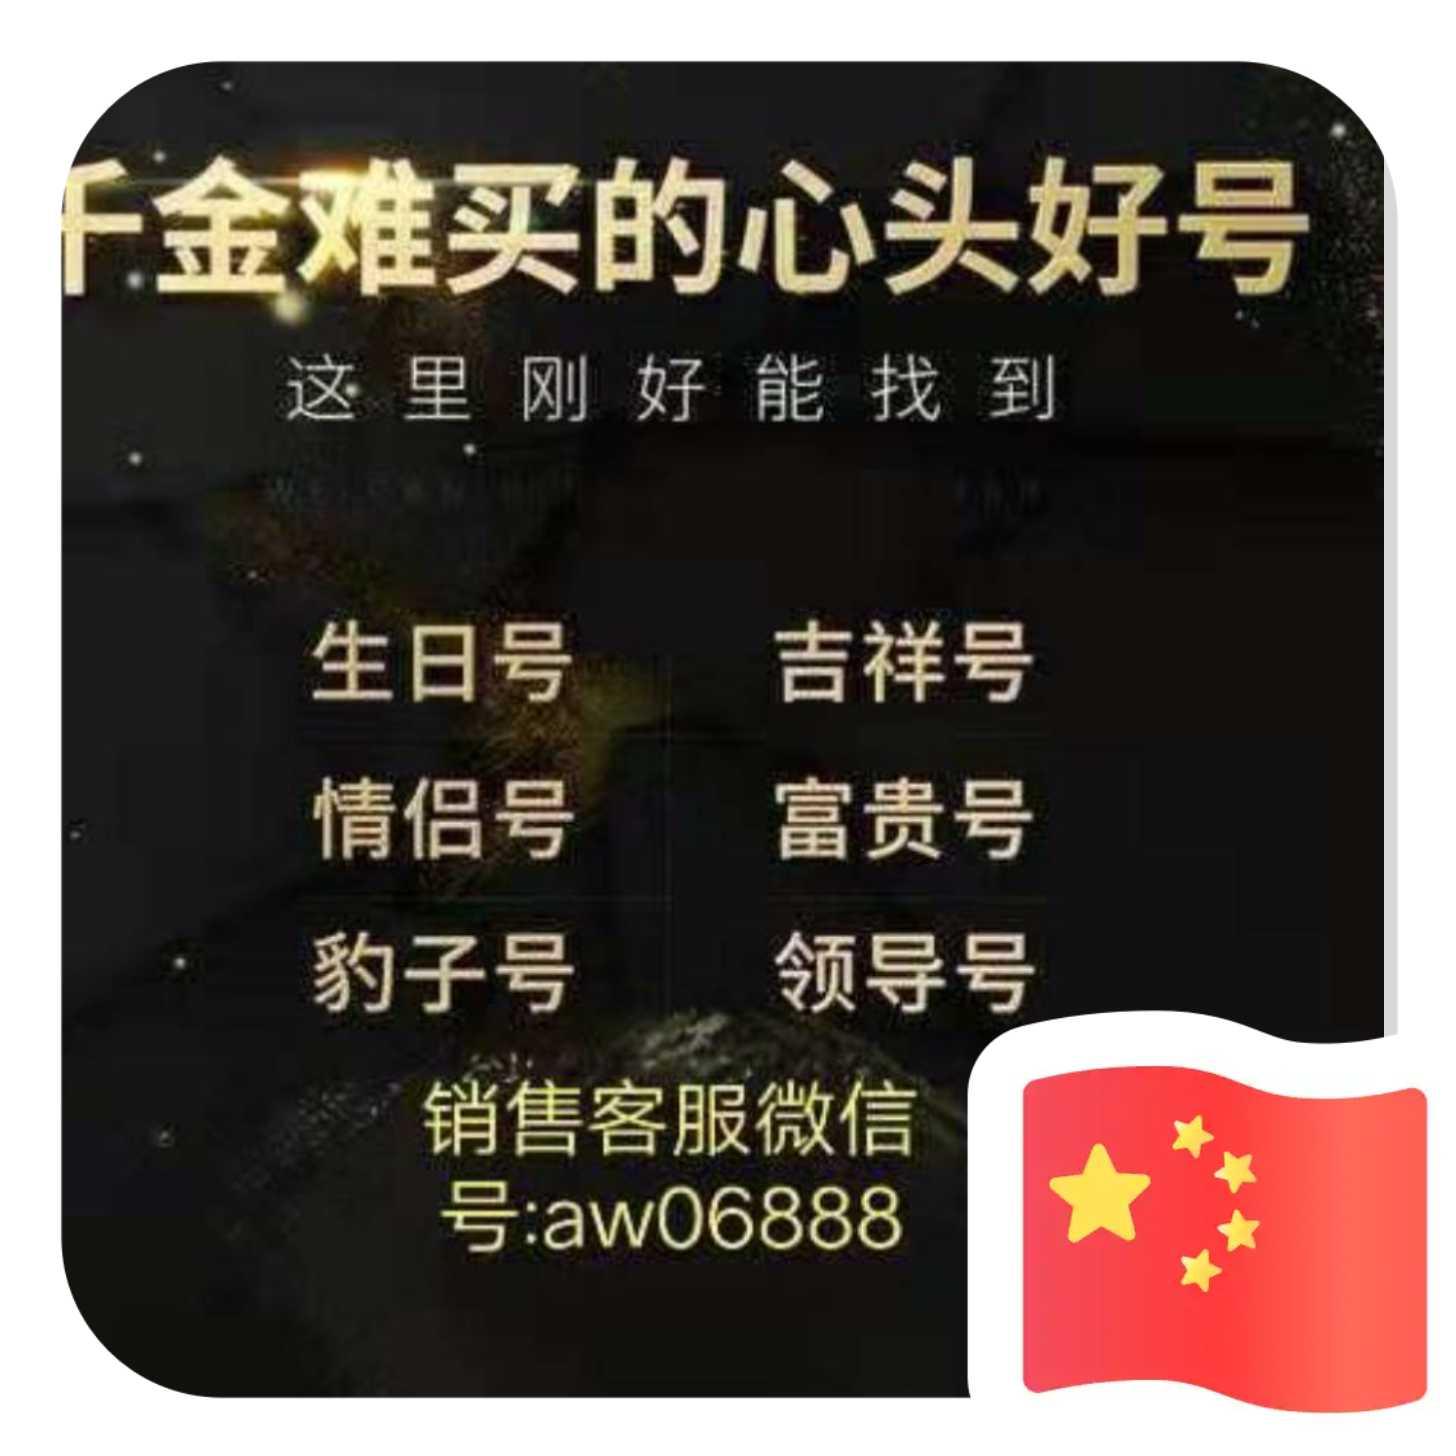 河南,郑州市 靓号